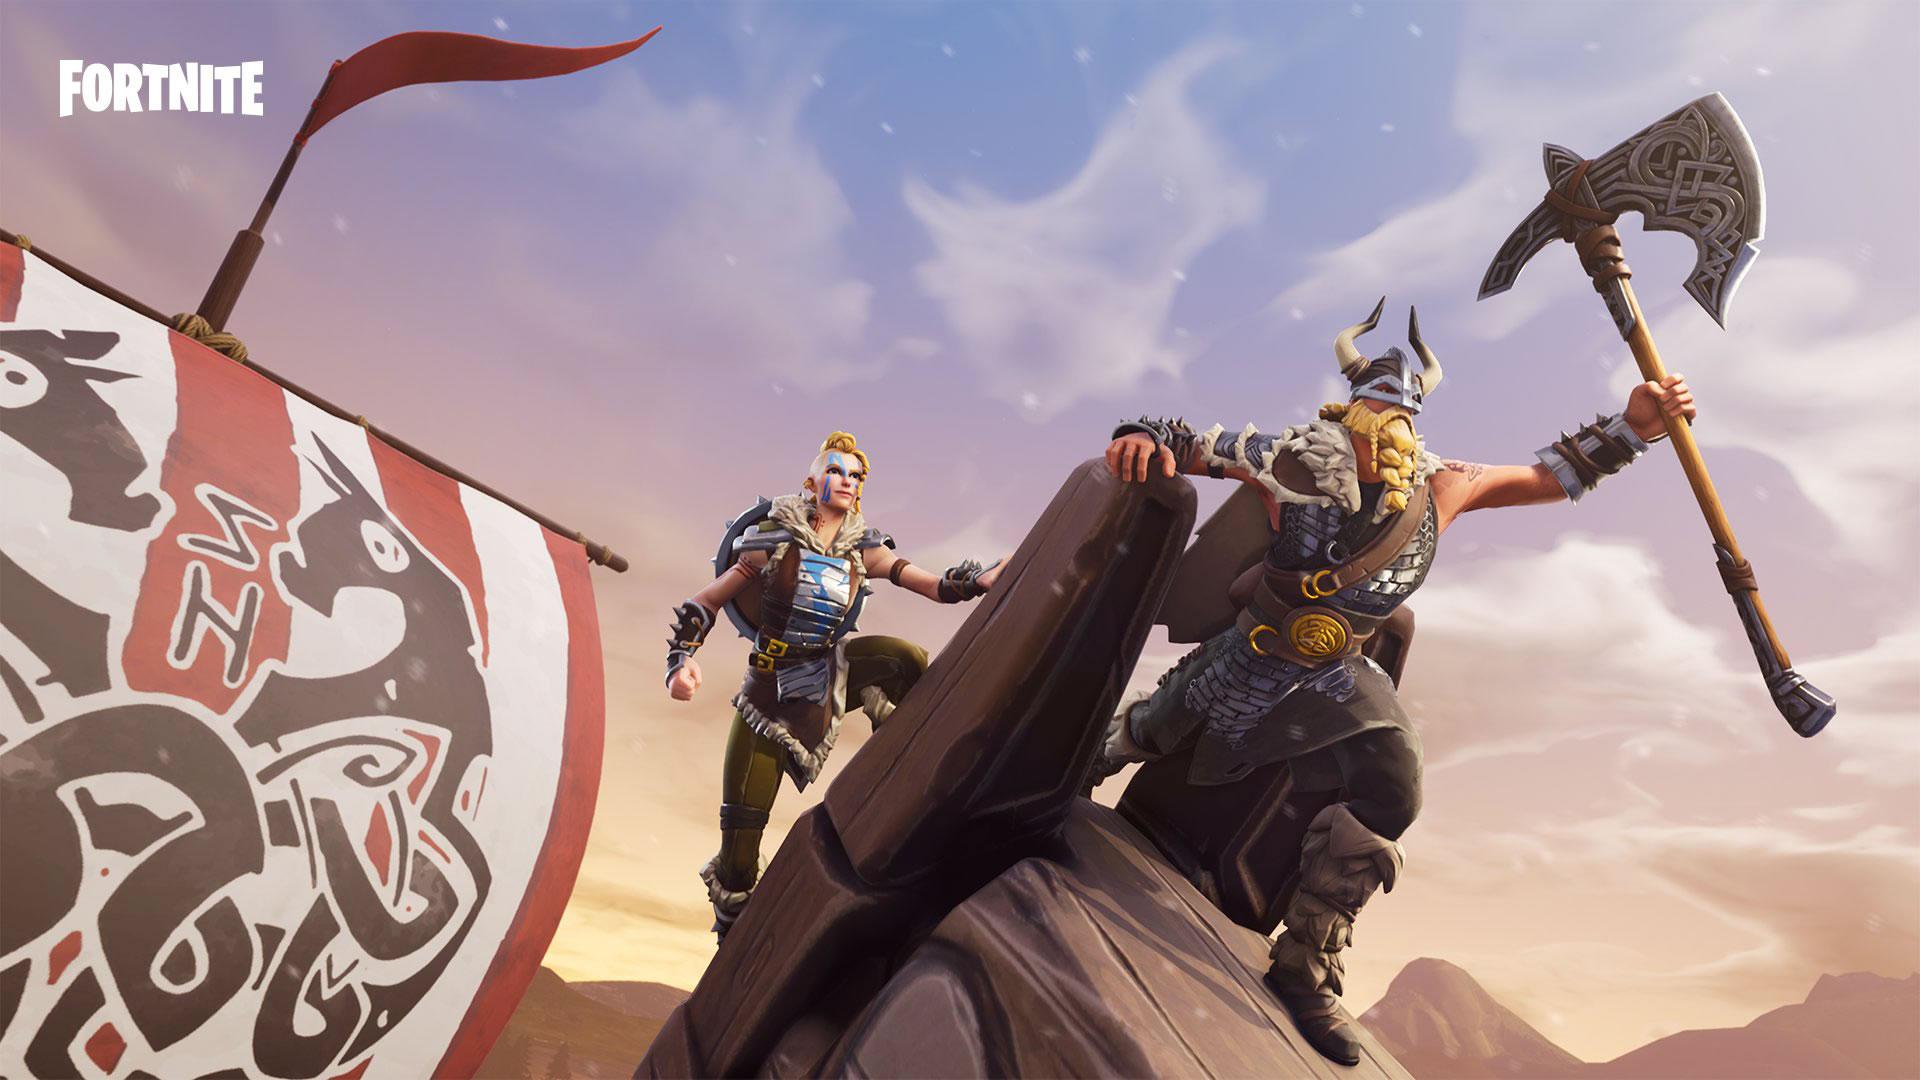 download wallpaper: Fortnite skins – Magnus & Huntress wallpaper